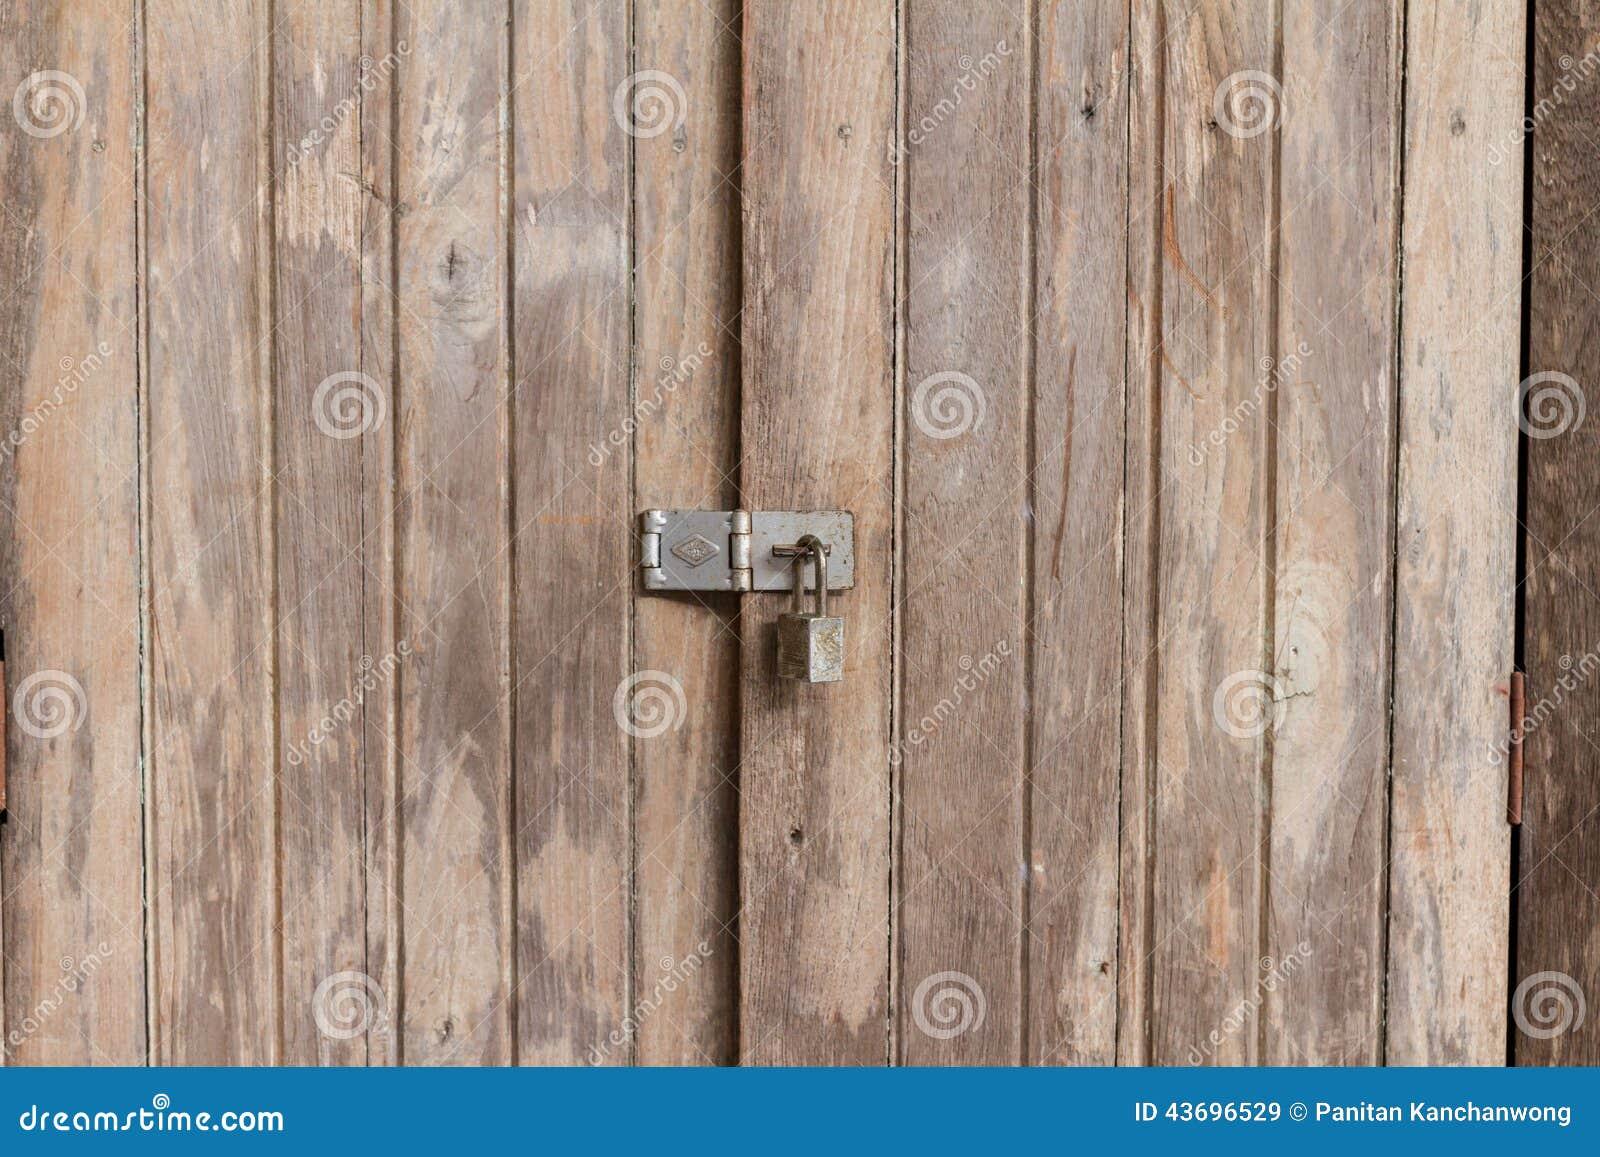 Las puertas de madera viejas son bloqueadas foto de - Puertas viejas de madera ...